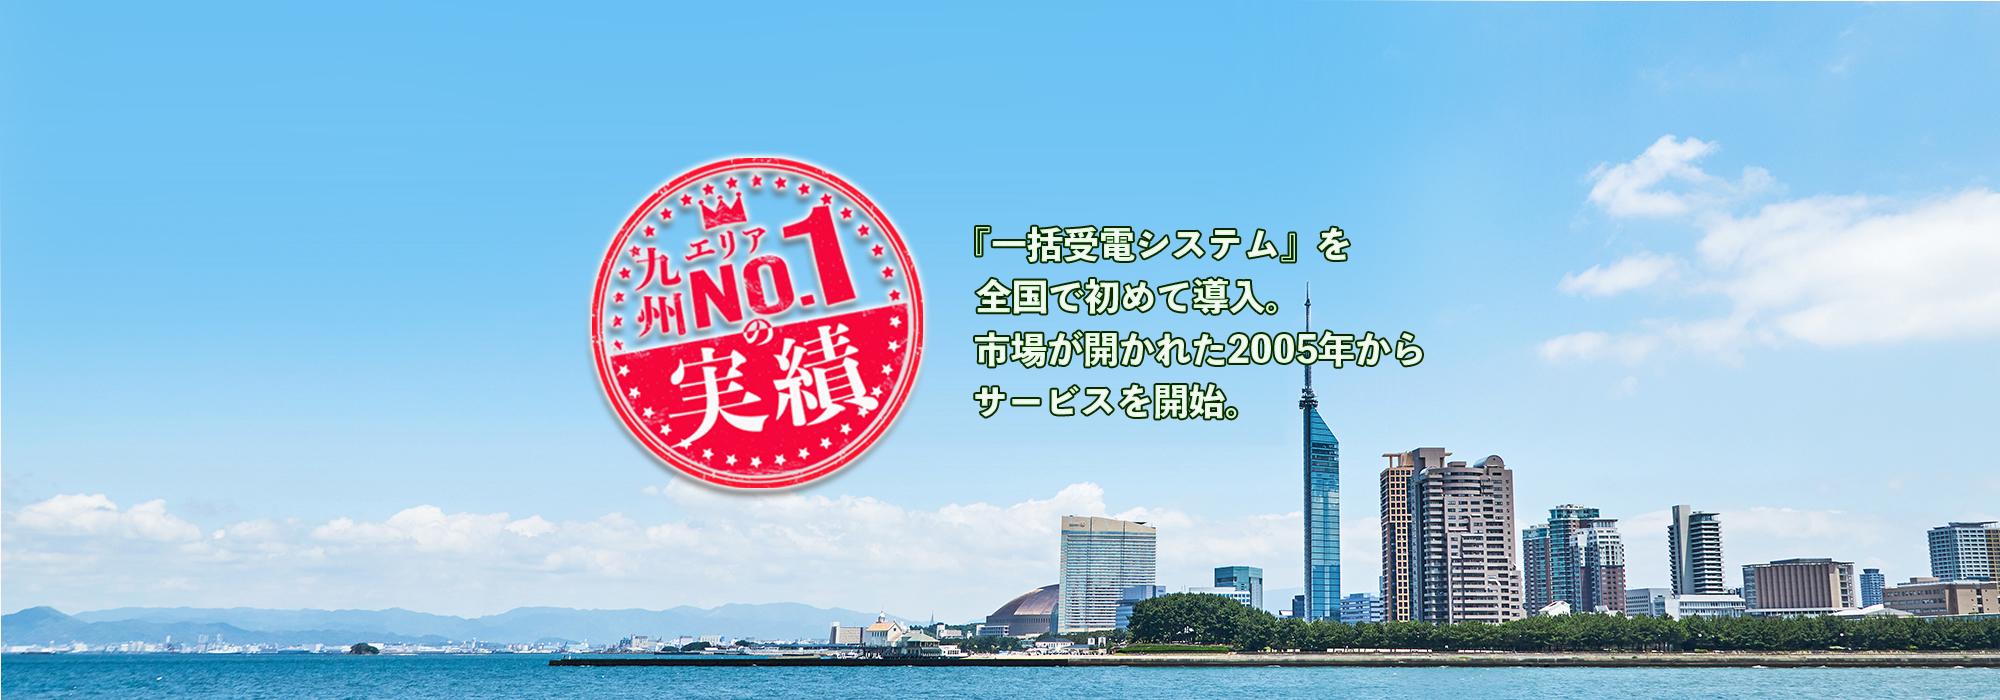 九州NO.1の実績